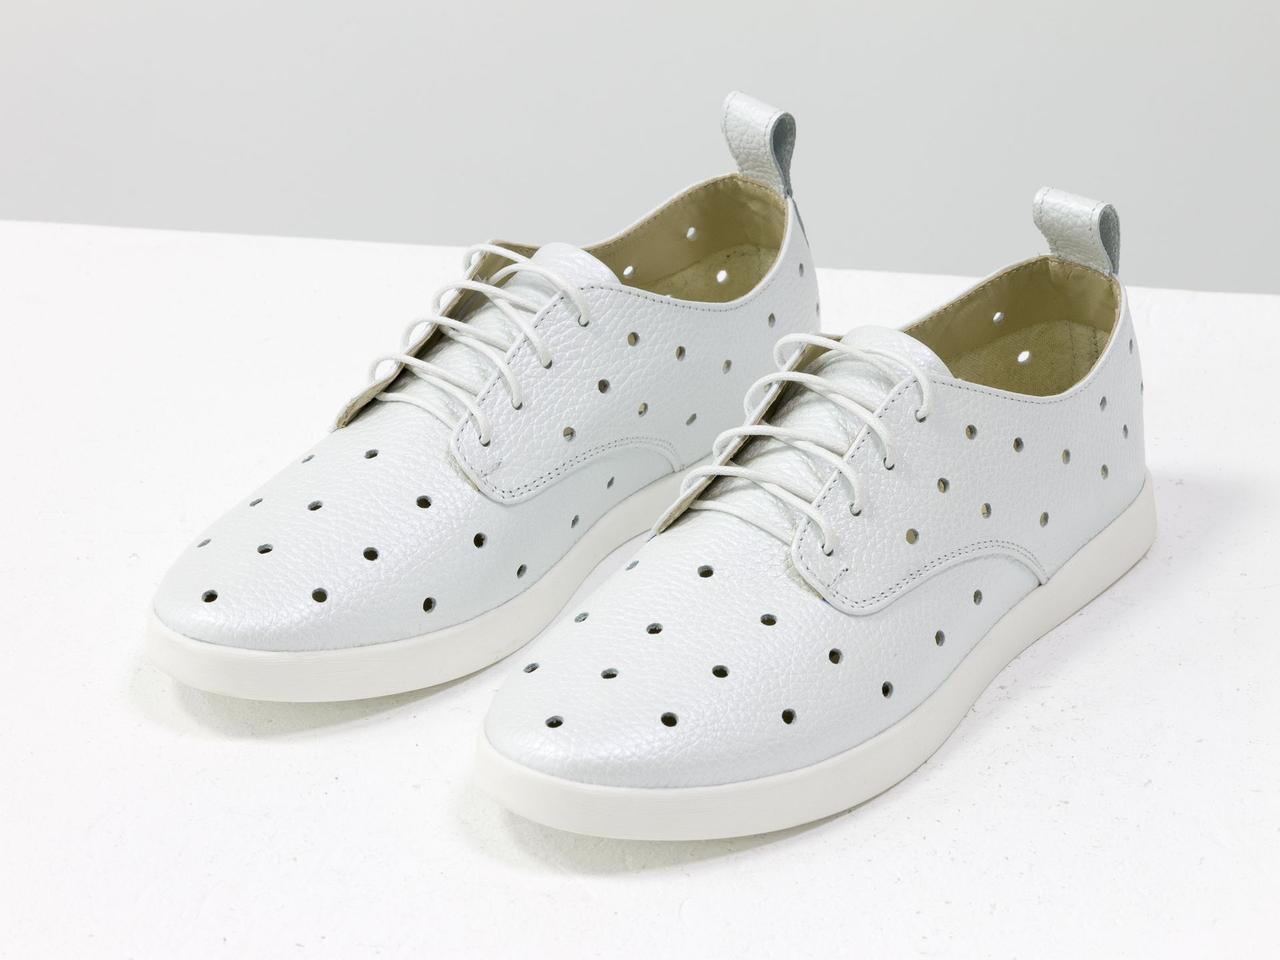 Легкие туфли из натуральной кожи белого цвета с перфорацией по всей поверхности 39 - фото 5